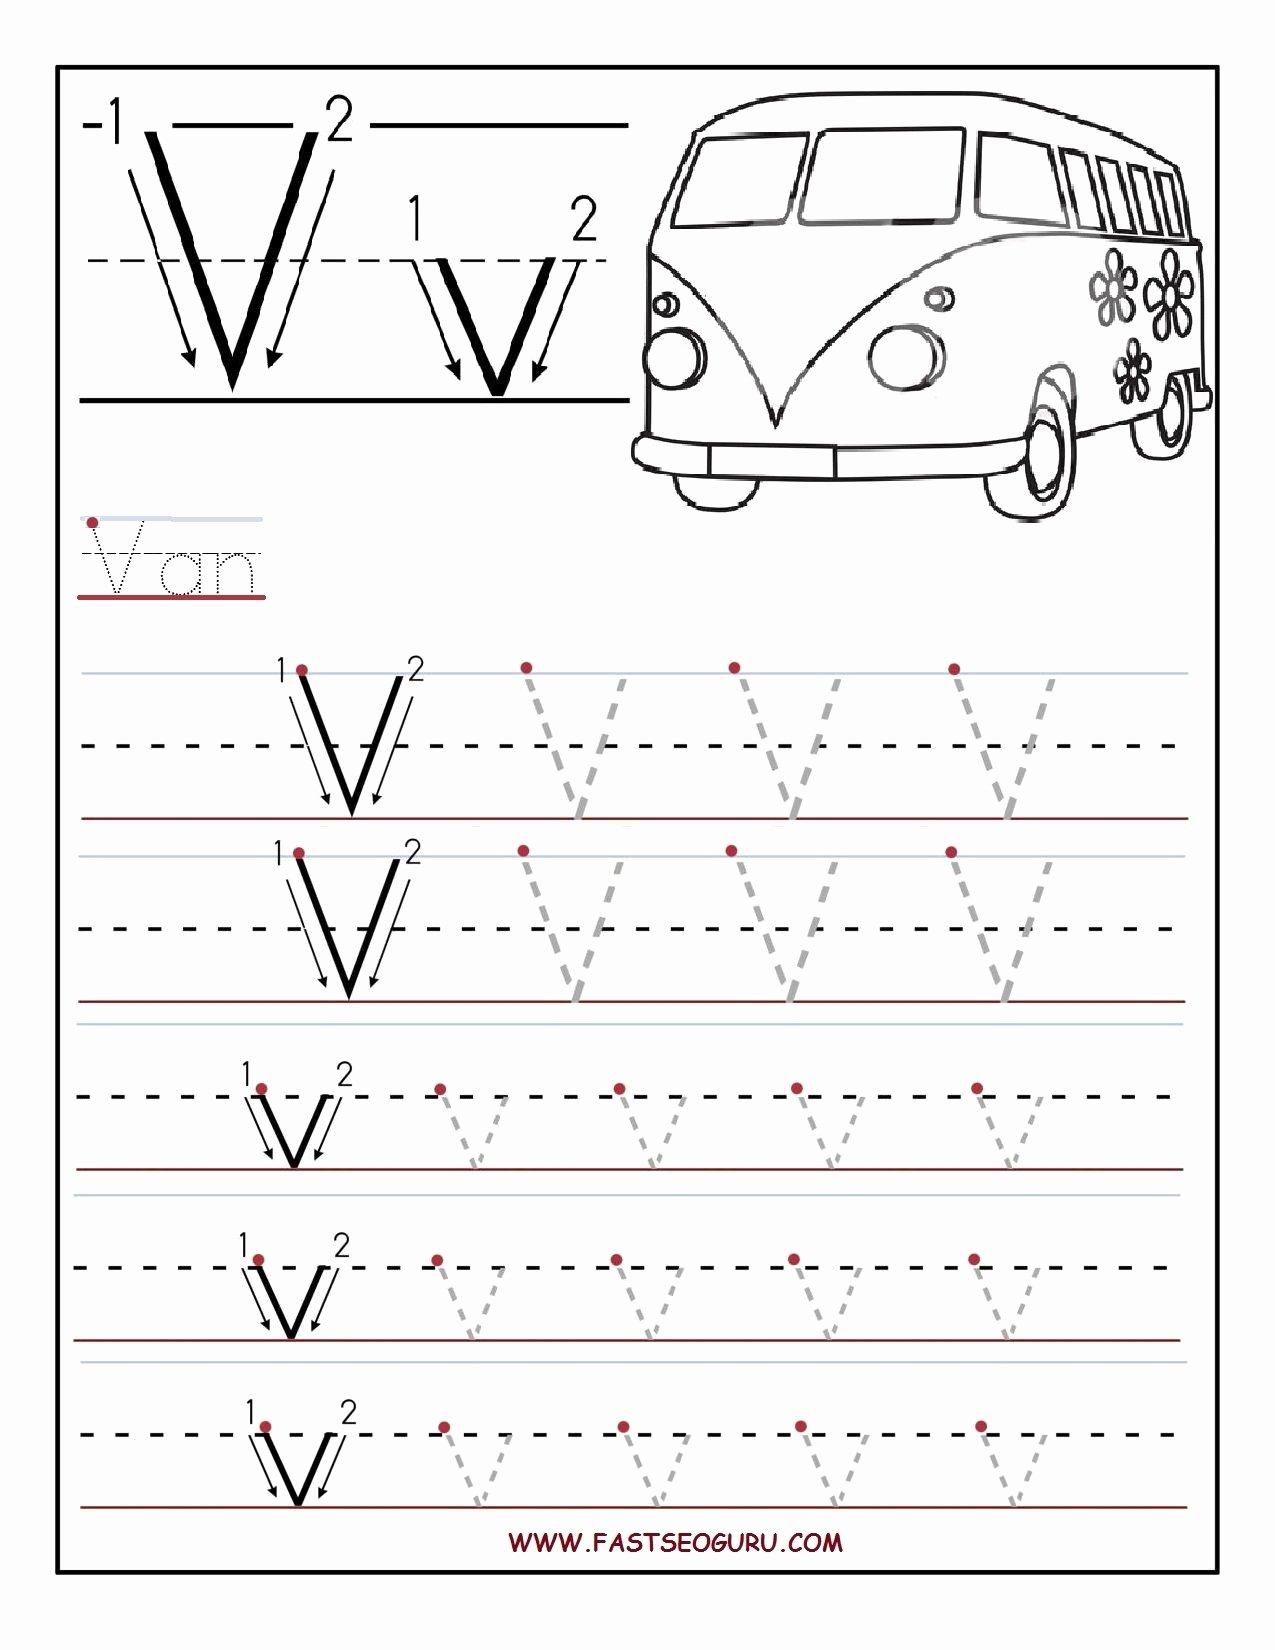 V Worksheets for Preschoolers Fresh Letter V Tracing Worksheet